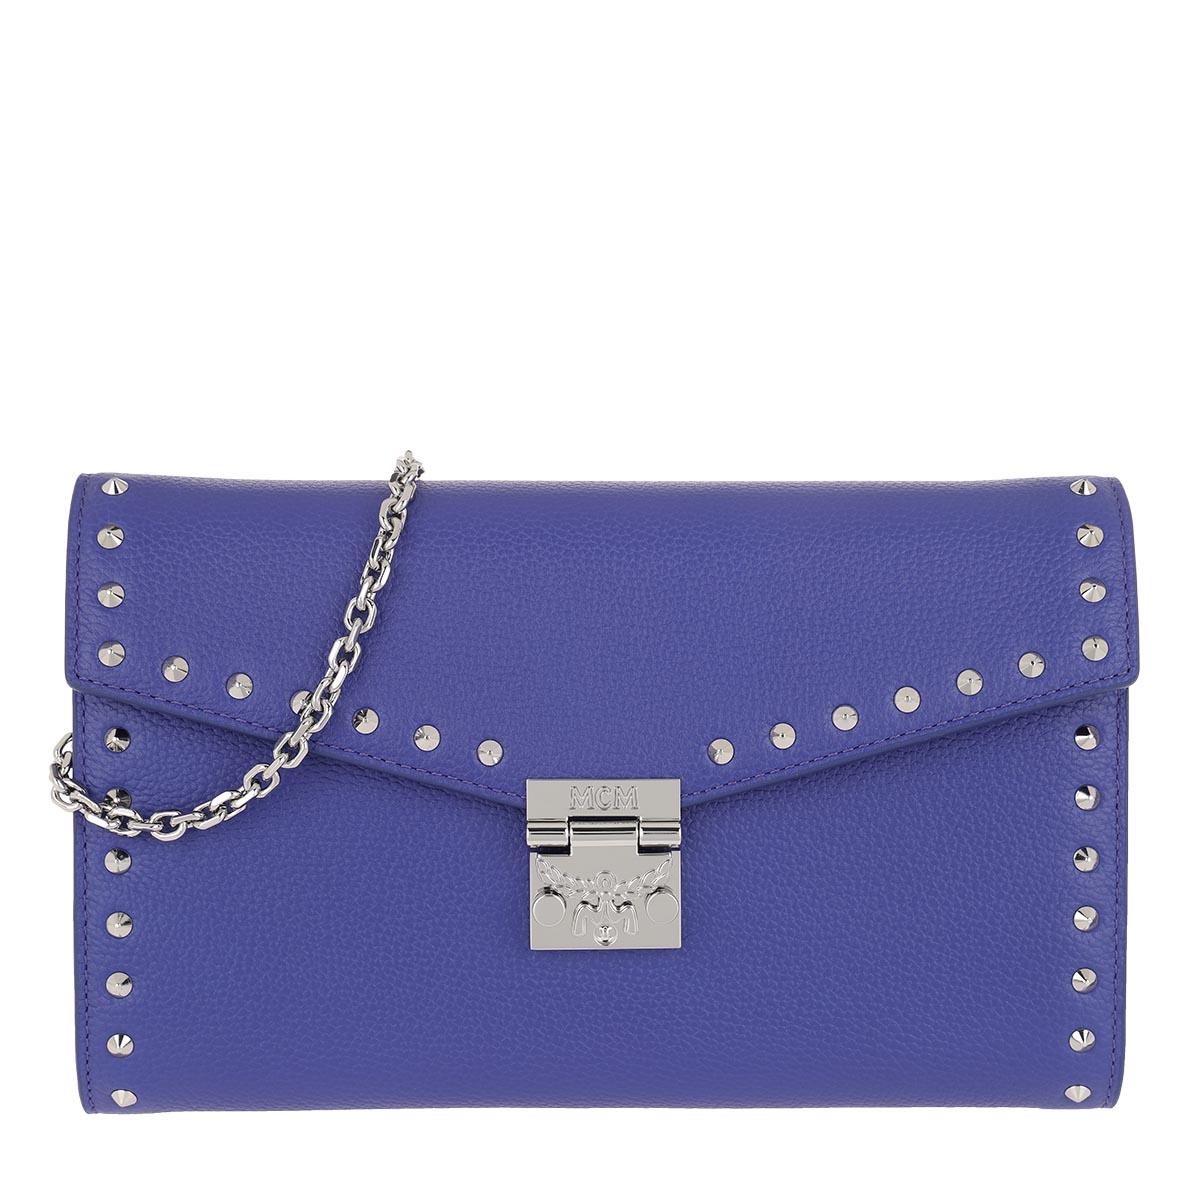 MCM Umhängetasche - Large Continental Wallet Spectrum Blue - in blau - für Damen